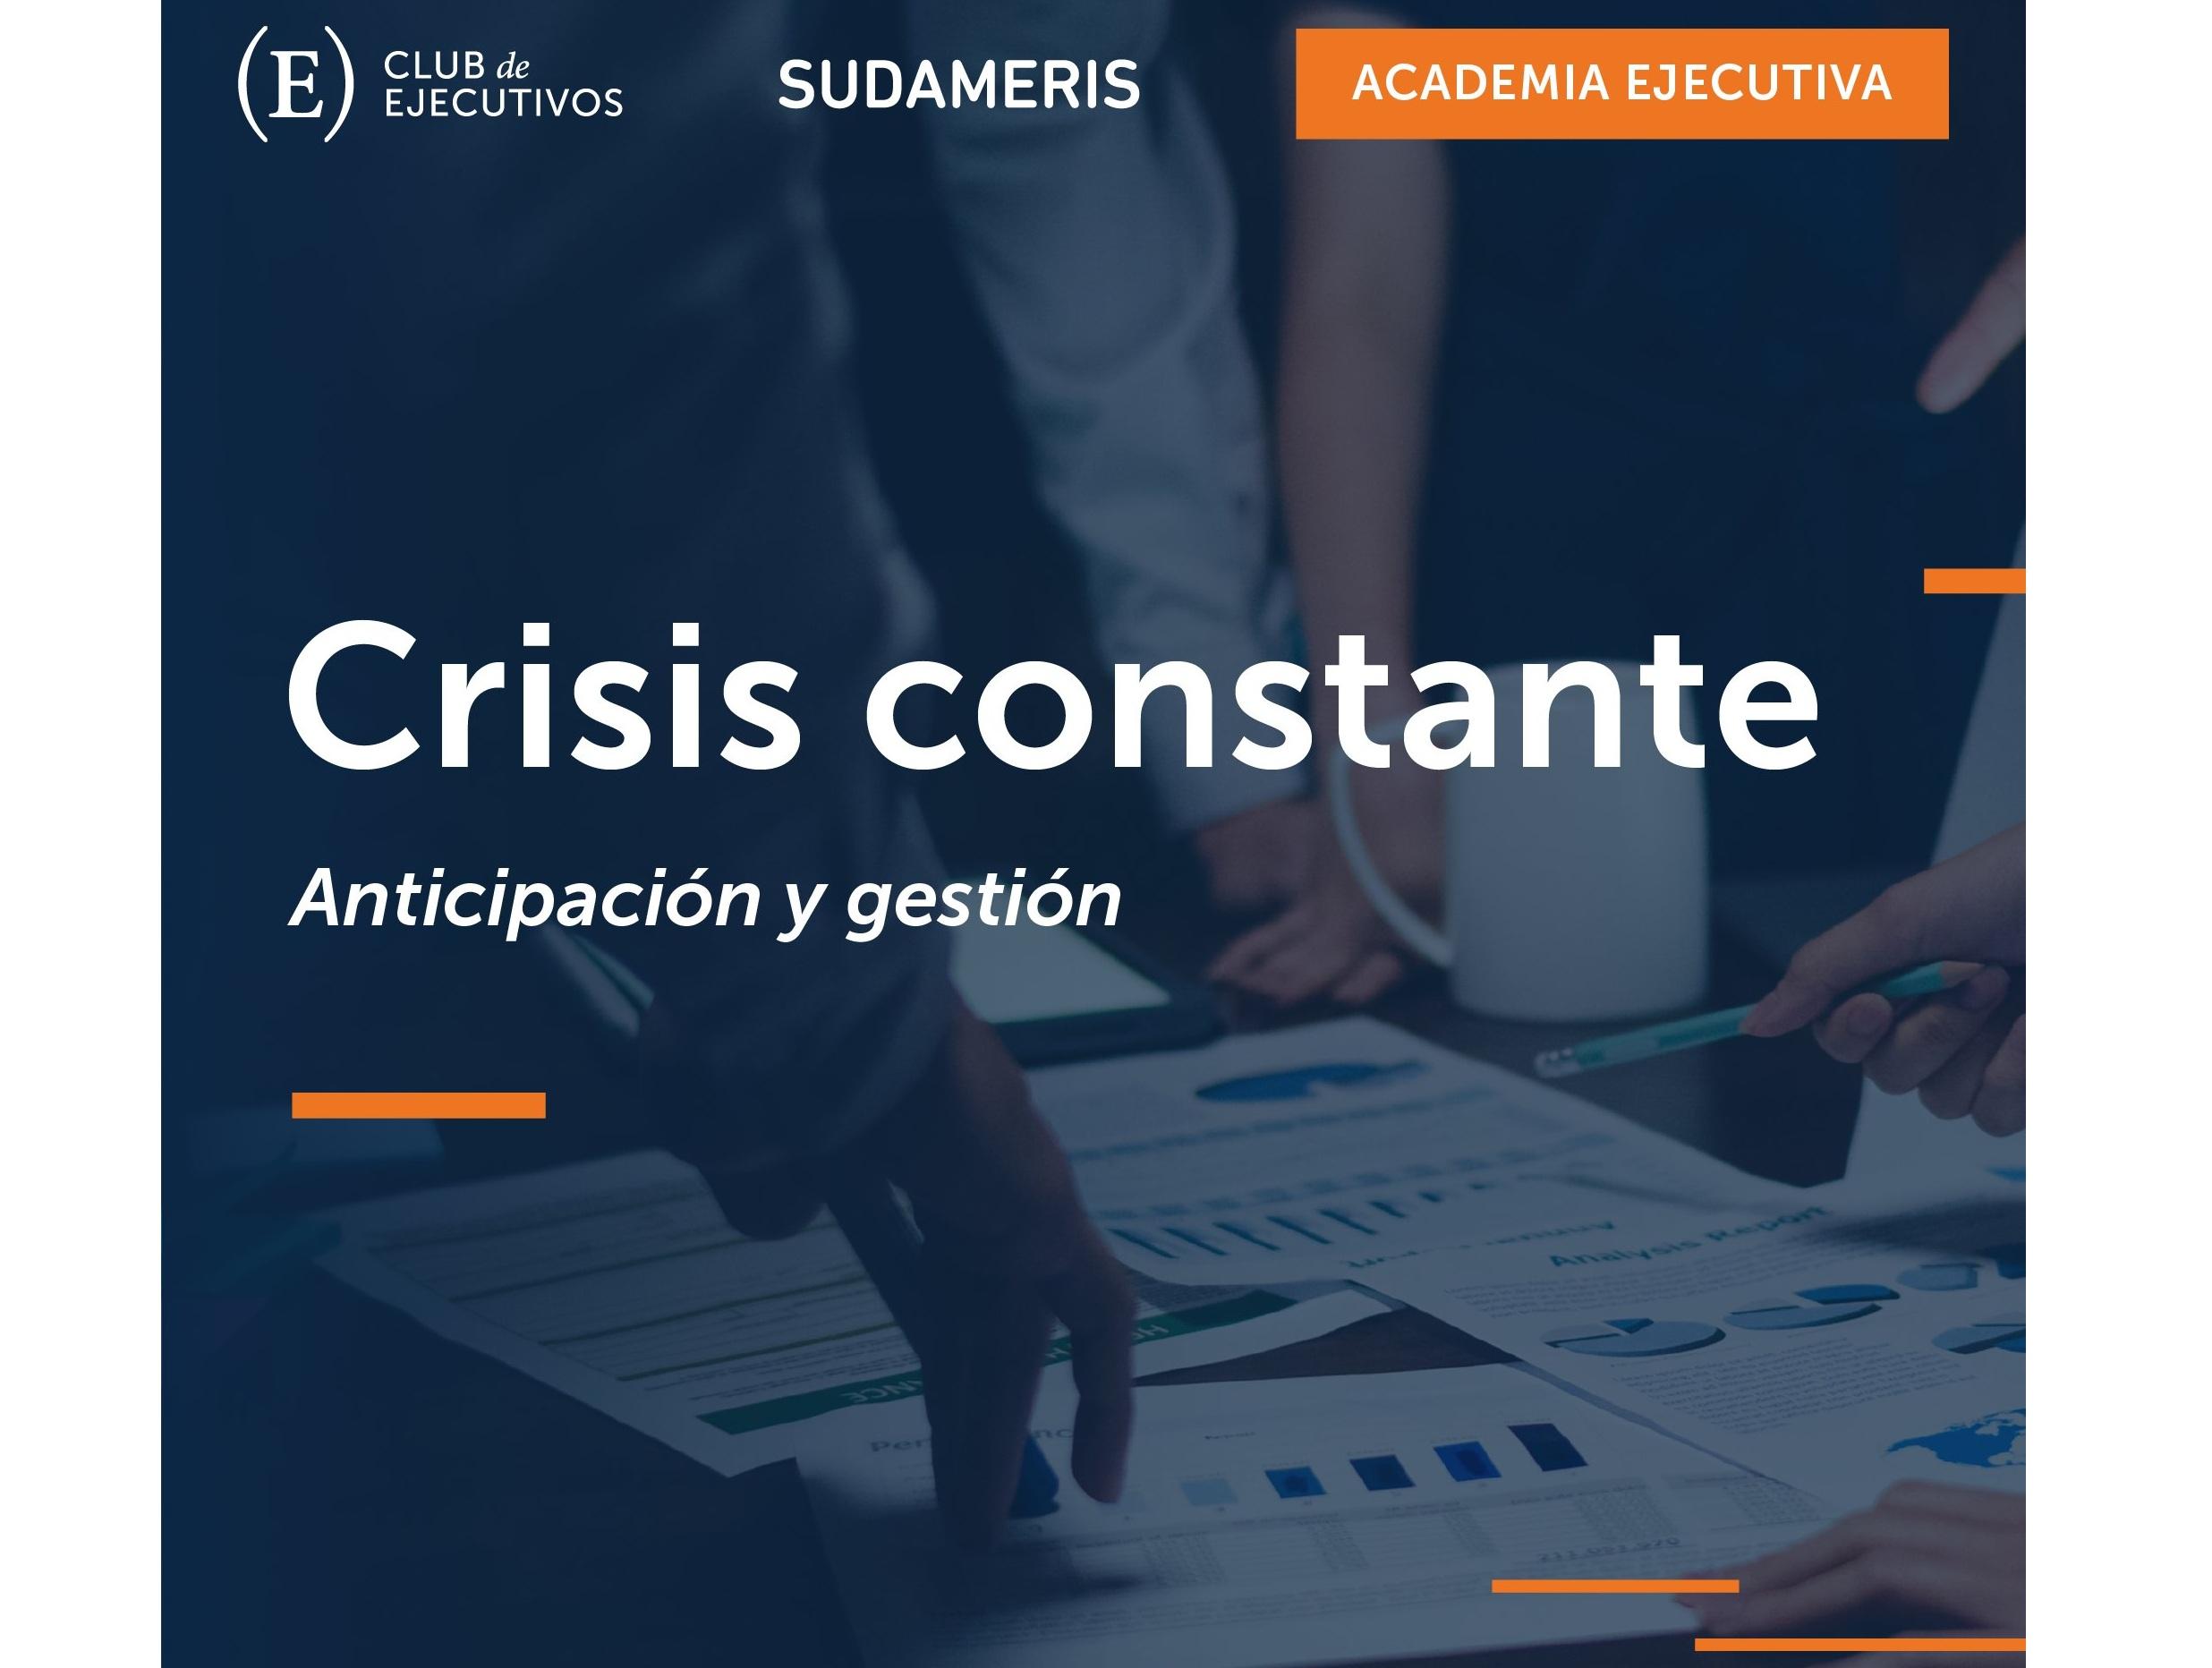 Club de Ejecutivos desarrollará charla sobre anticipación y gestión ante crisis constante